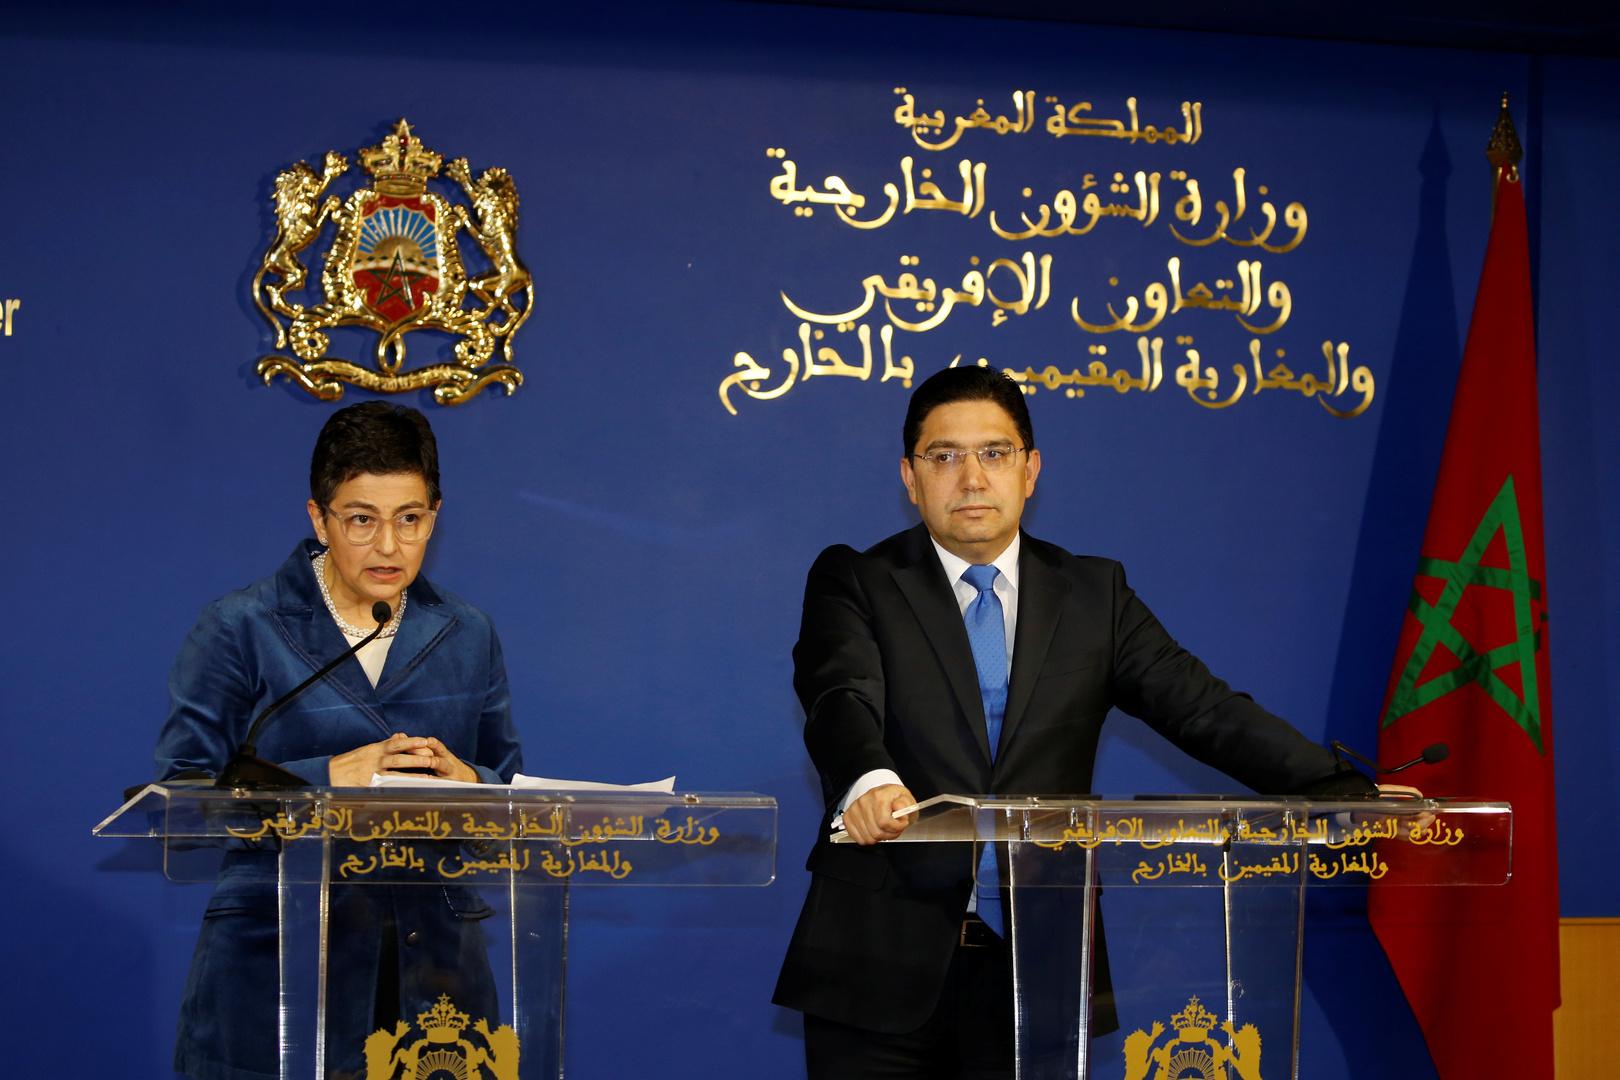 المغرب: إسبانيا أقرب لنا من جارتينا الجزائر وموريتانيا